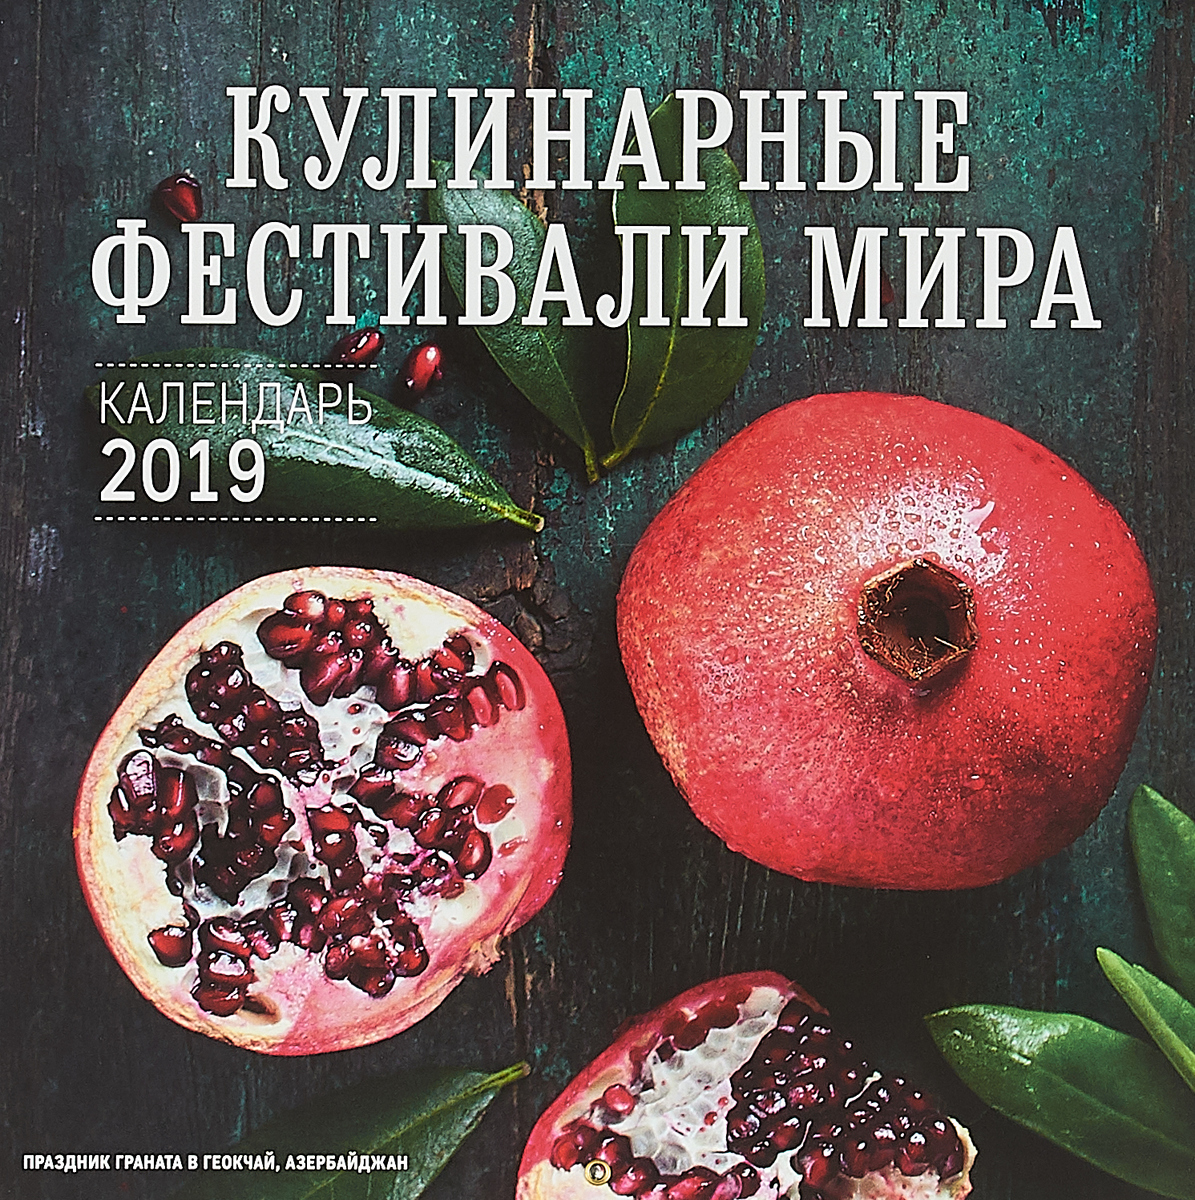 Календарь 2019. Кулинарные фестивали мира стоимость